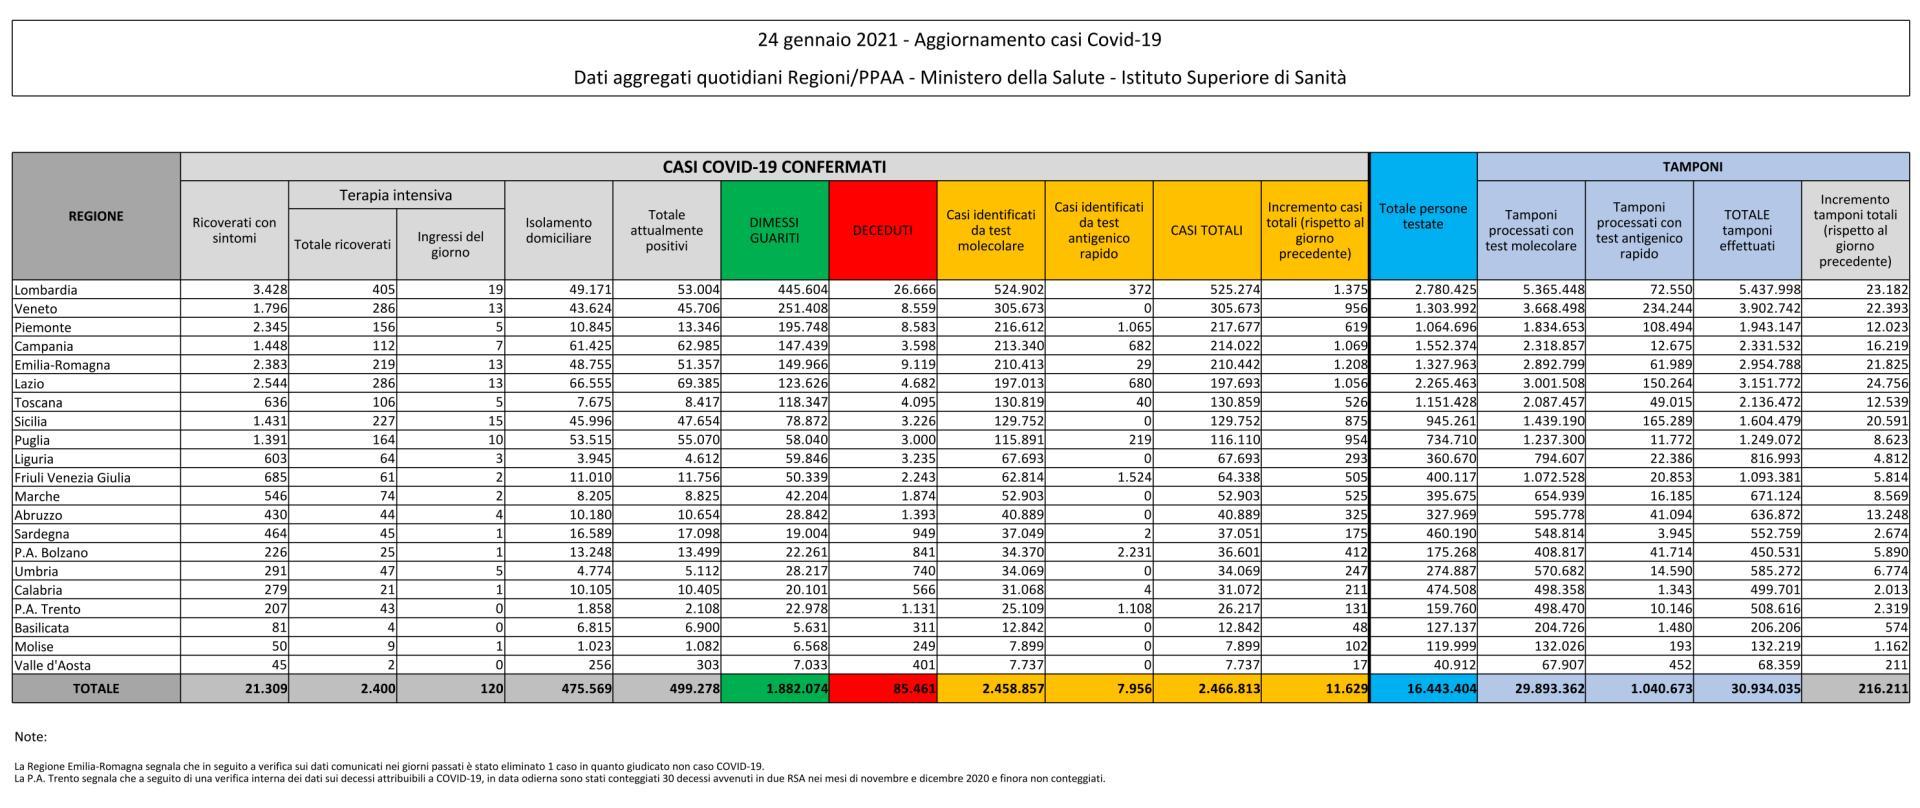 24 gennaio 2021 - Aggiornamento casi Covid-19 Dati aggregati quotidiani Regioni/PPAA - Ministero della Salute - Istituto Superiore di Sanit